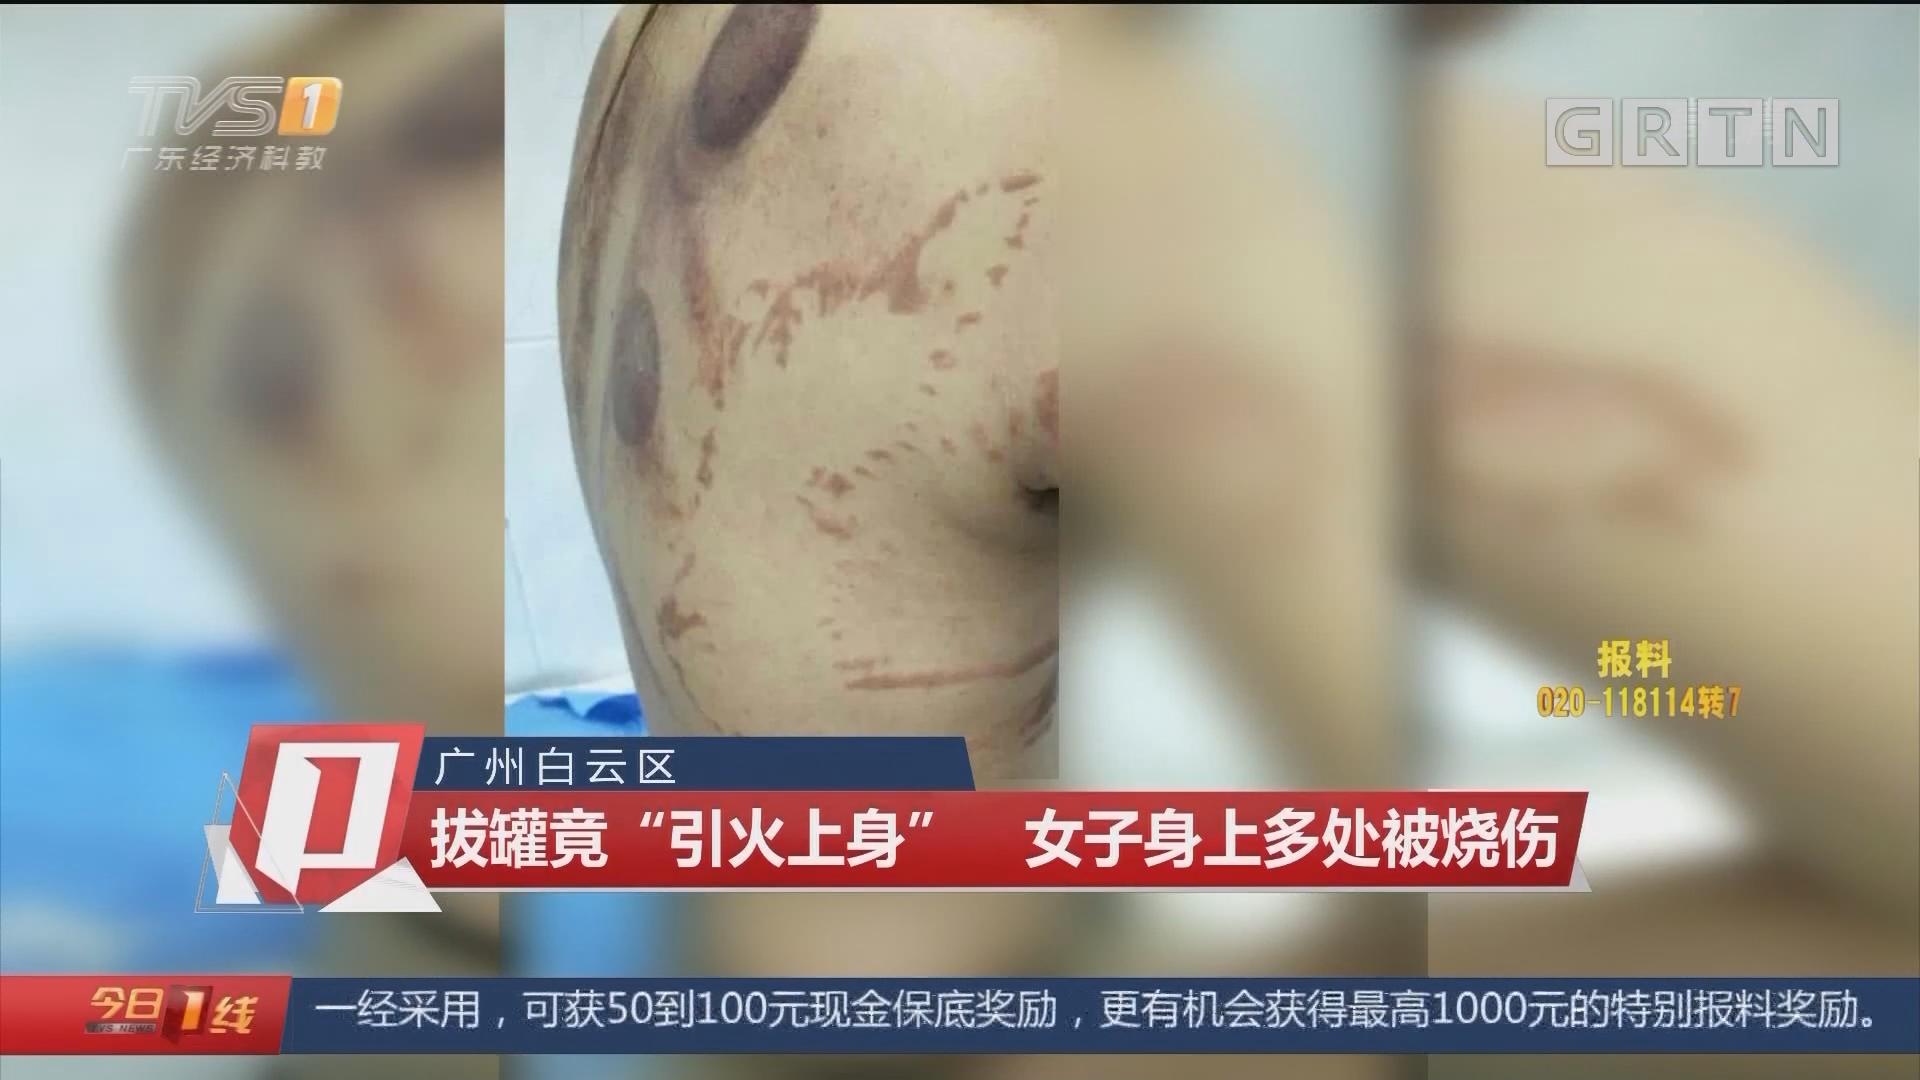 """廣州白云區:拔罐竟""""引火上身"""" 女子身上多處被燒傷"""